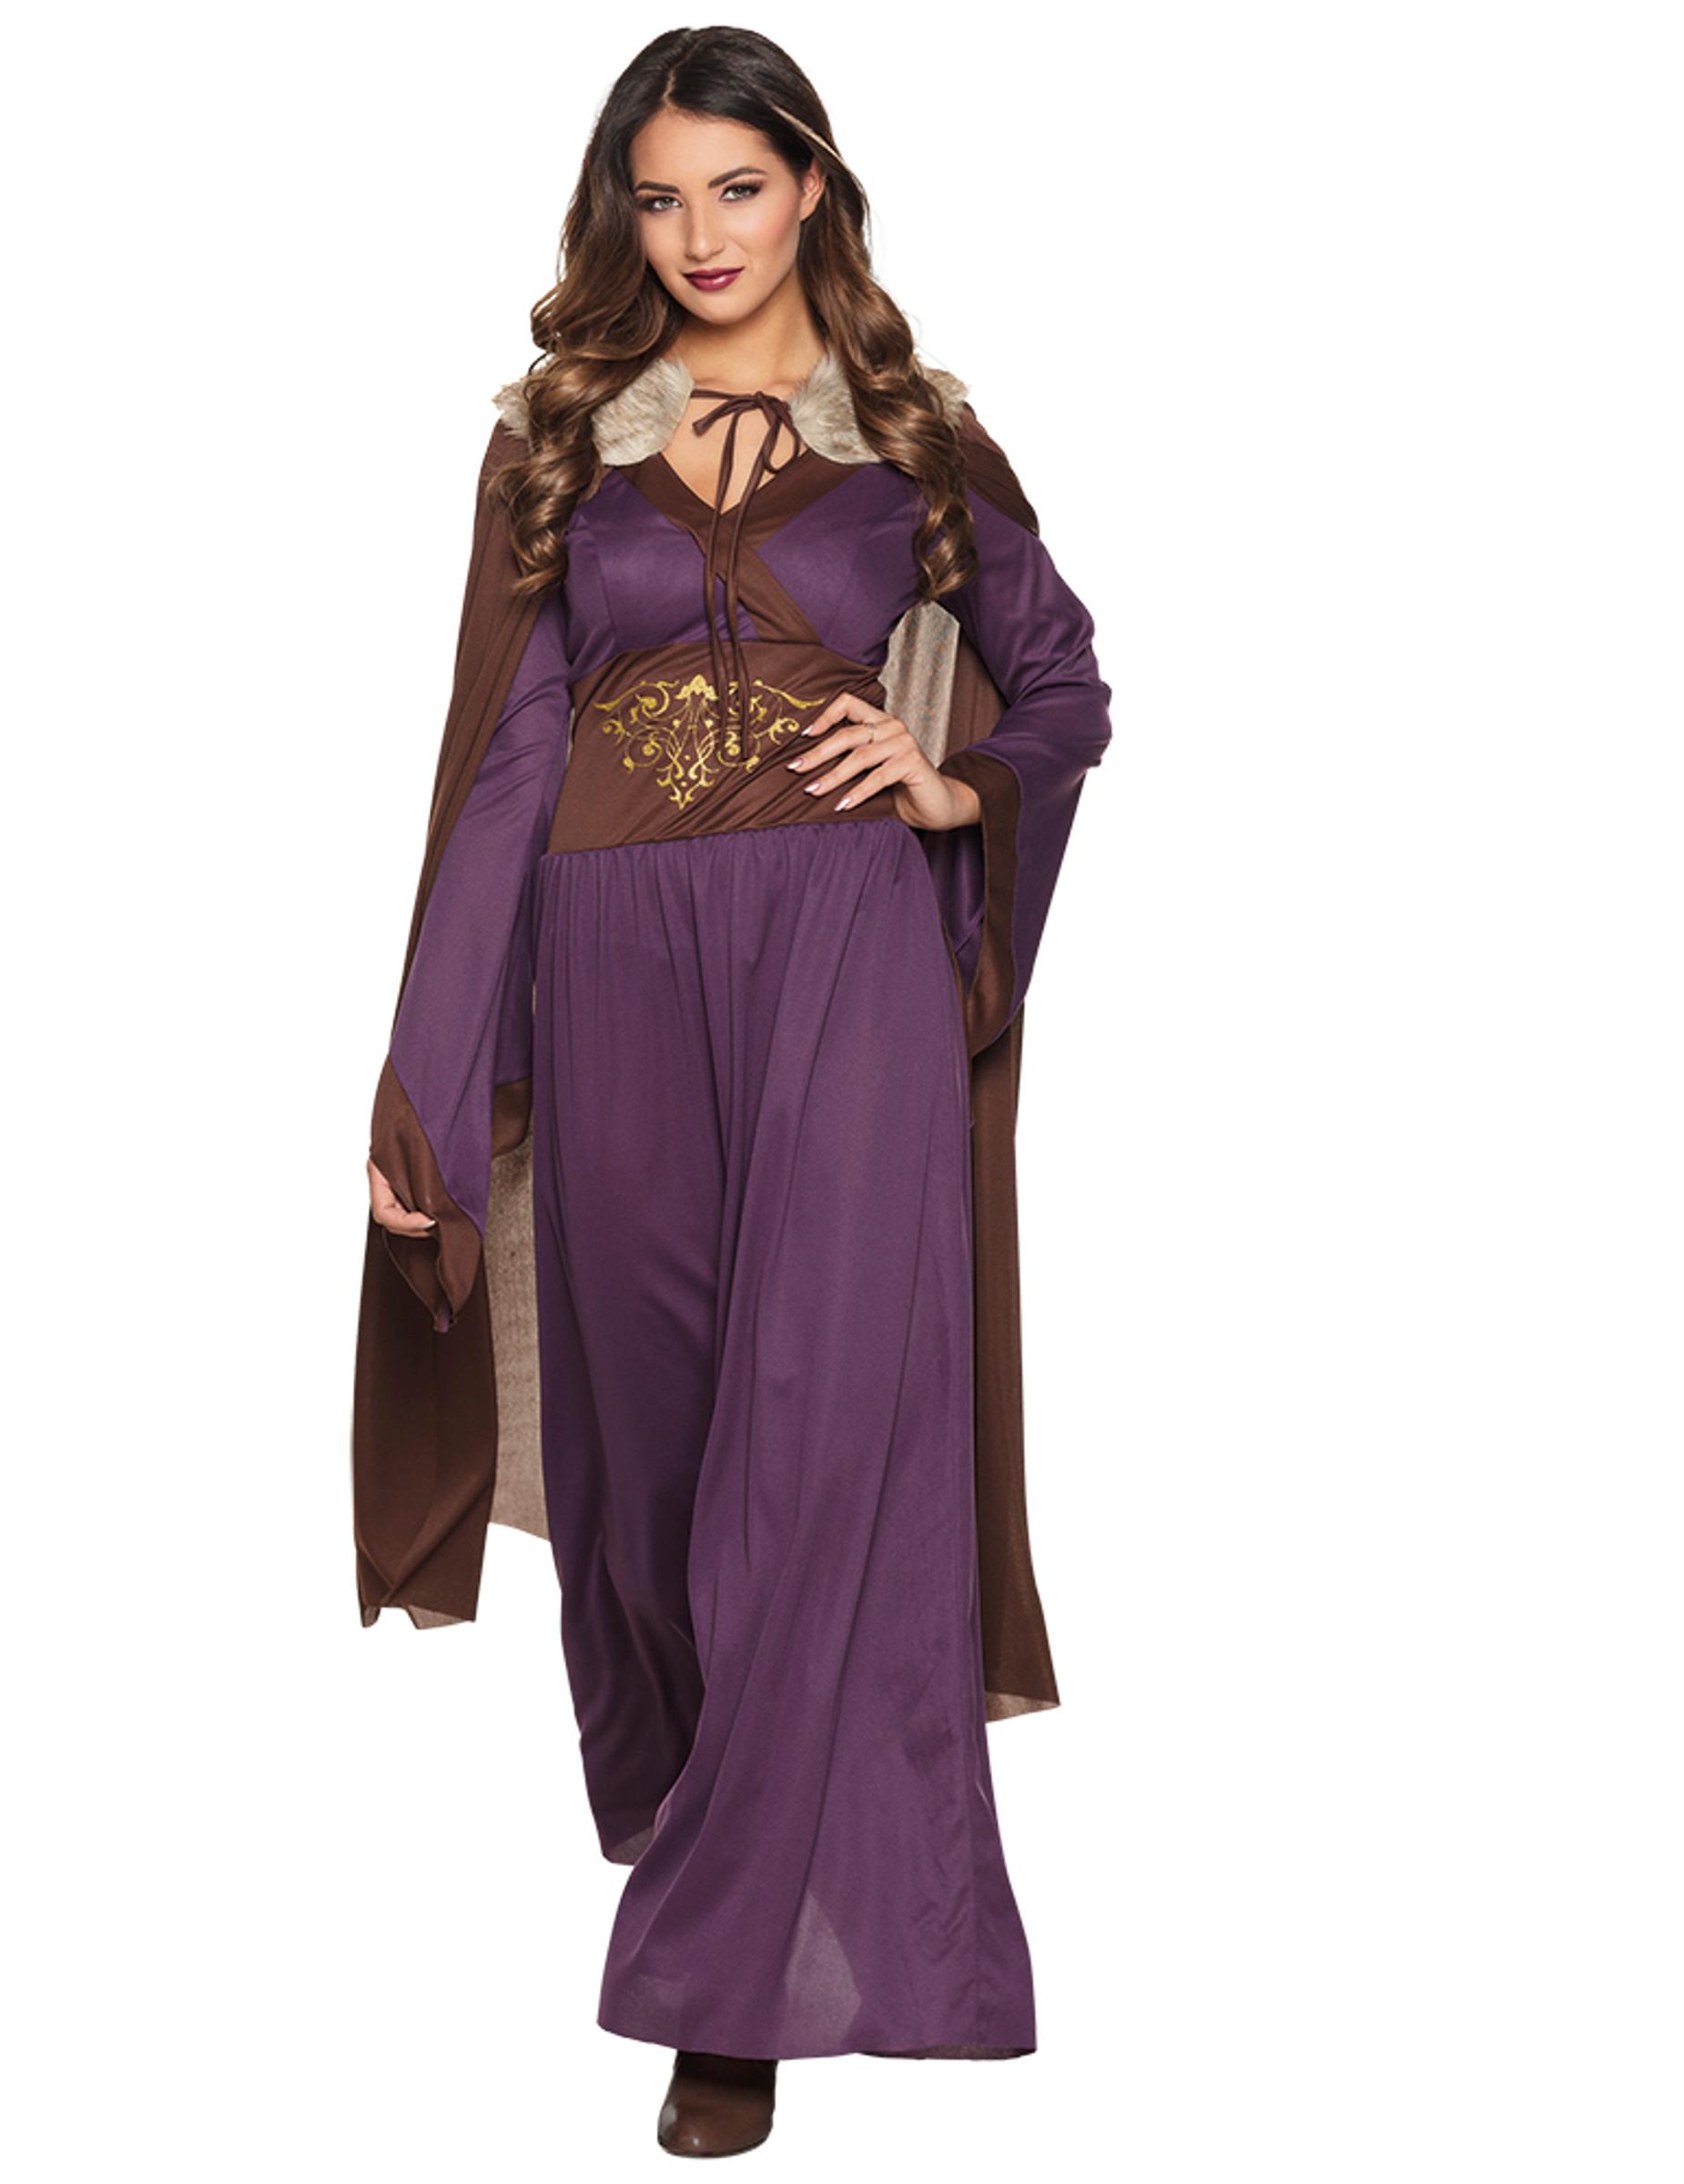 Disfraz Dama del norte violeta mujer: Disfraces adultos,y disfraces ...